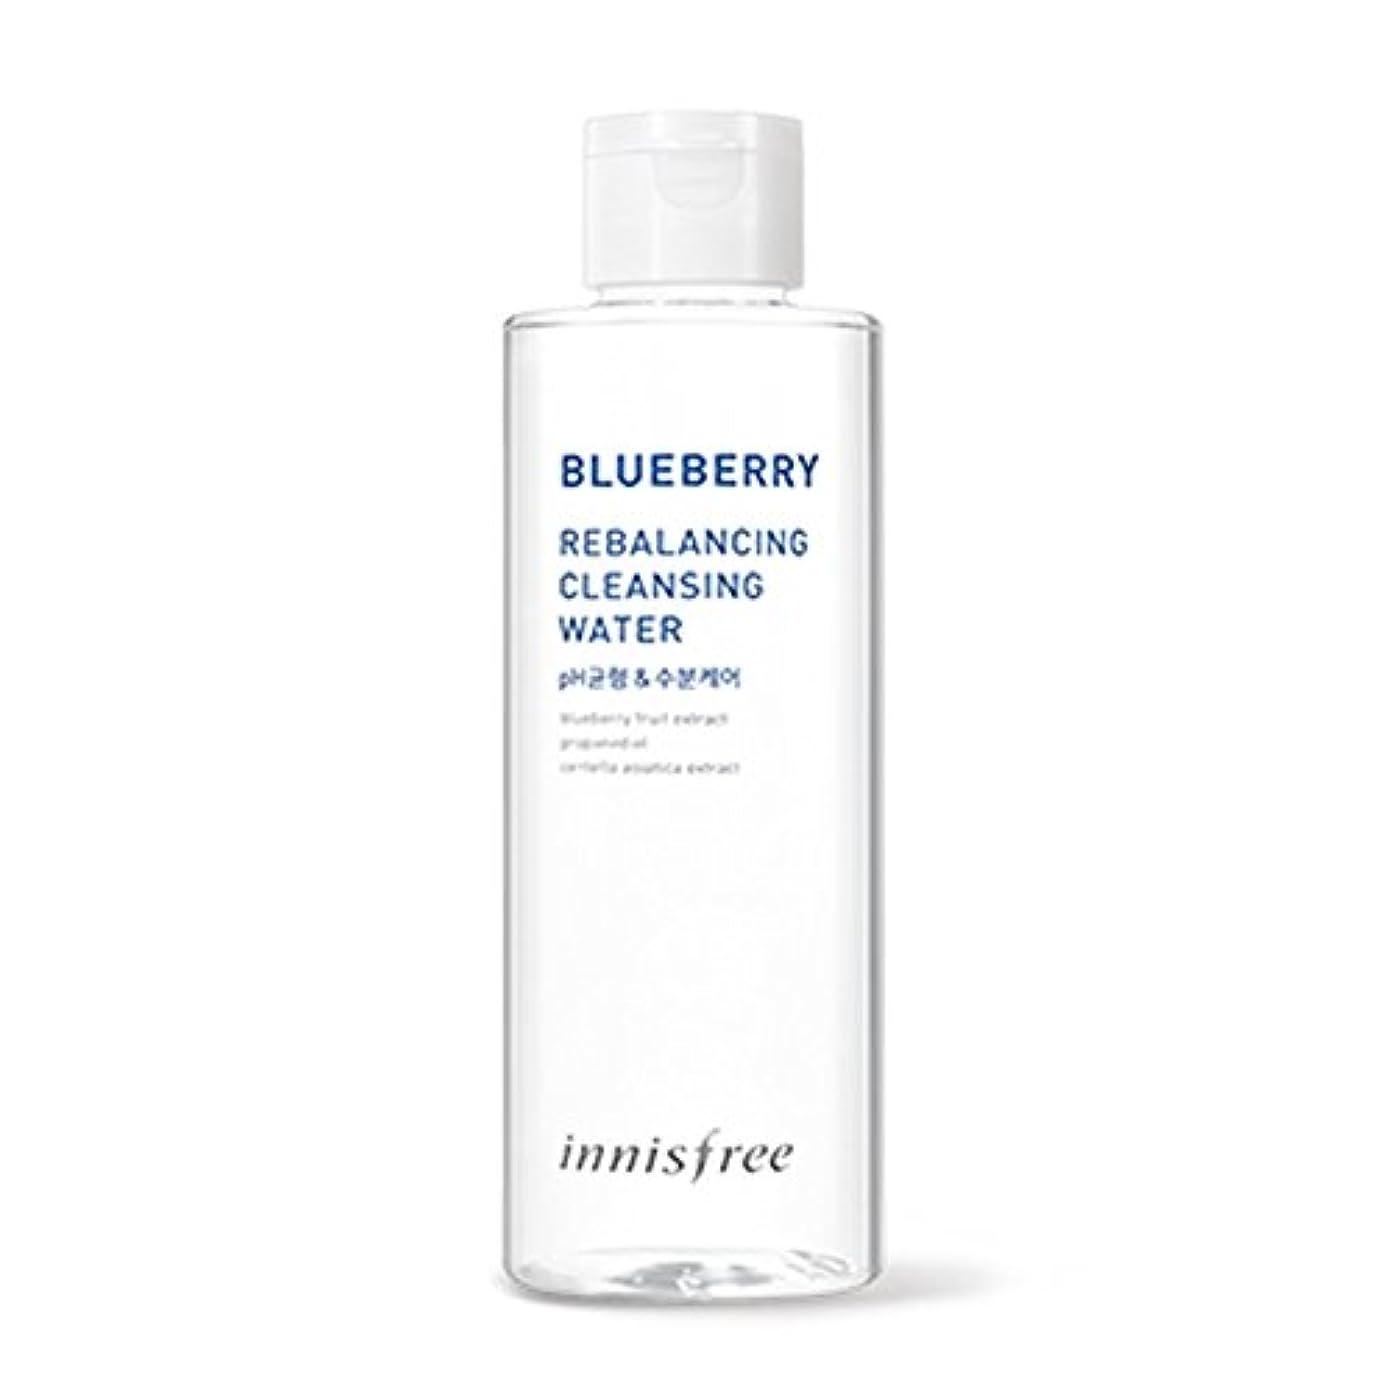 用語集タップ窒素イニスフリーブルーベリーリバランシングクレンジングウォーター200ml Innisfree Blueberry Rebalancing Cleansing Water 200ml [海外直送品][並行輸入品]